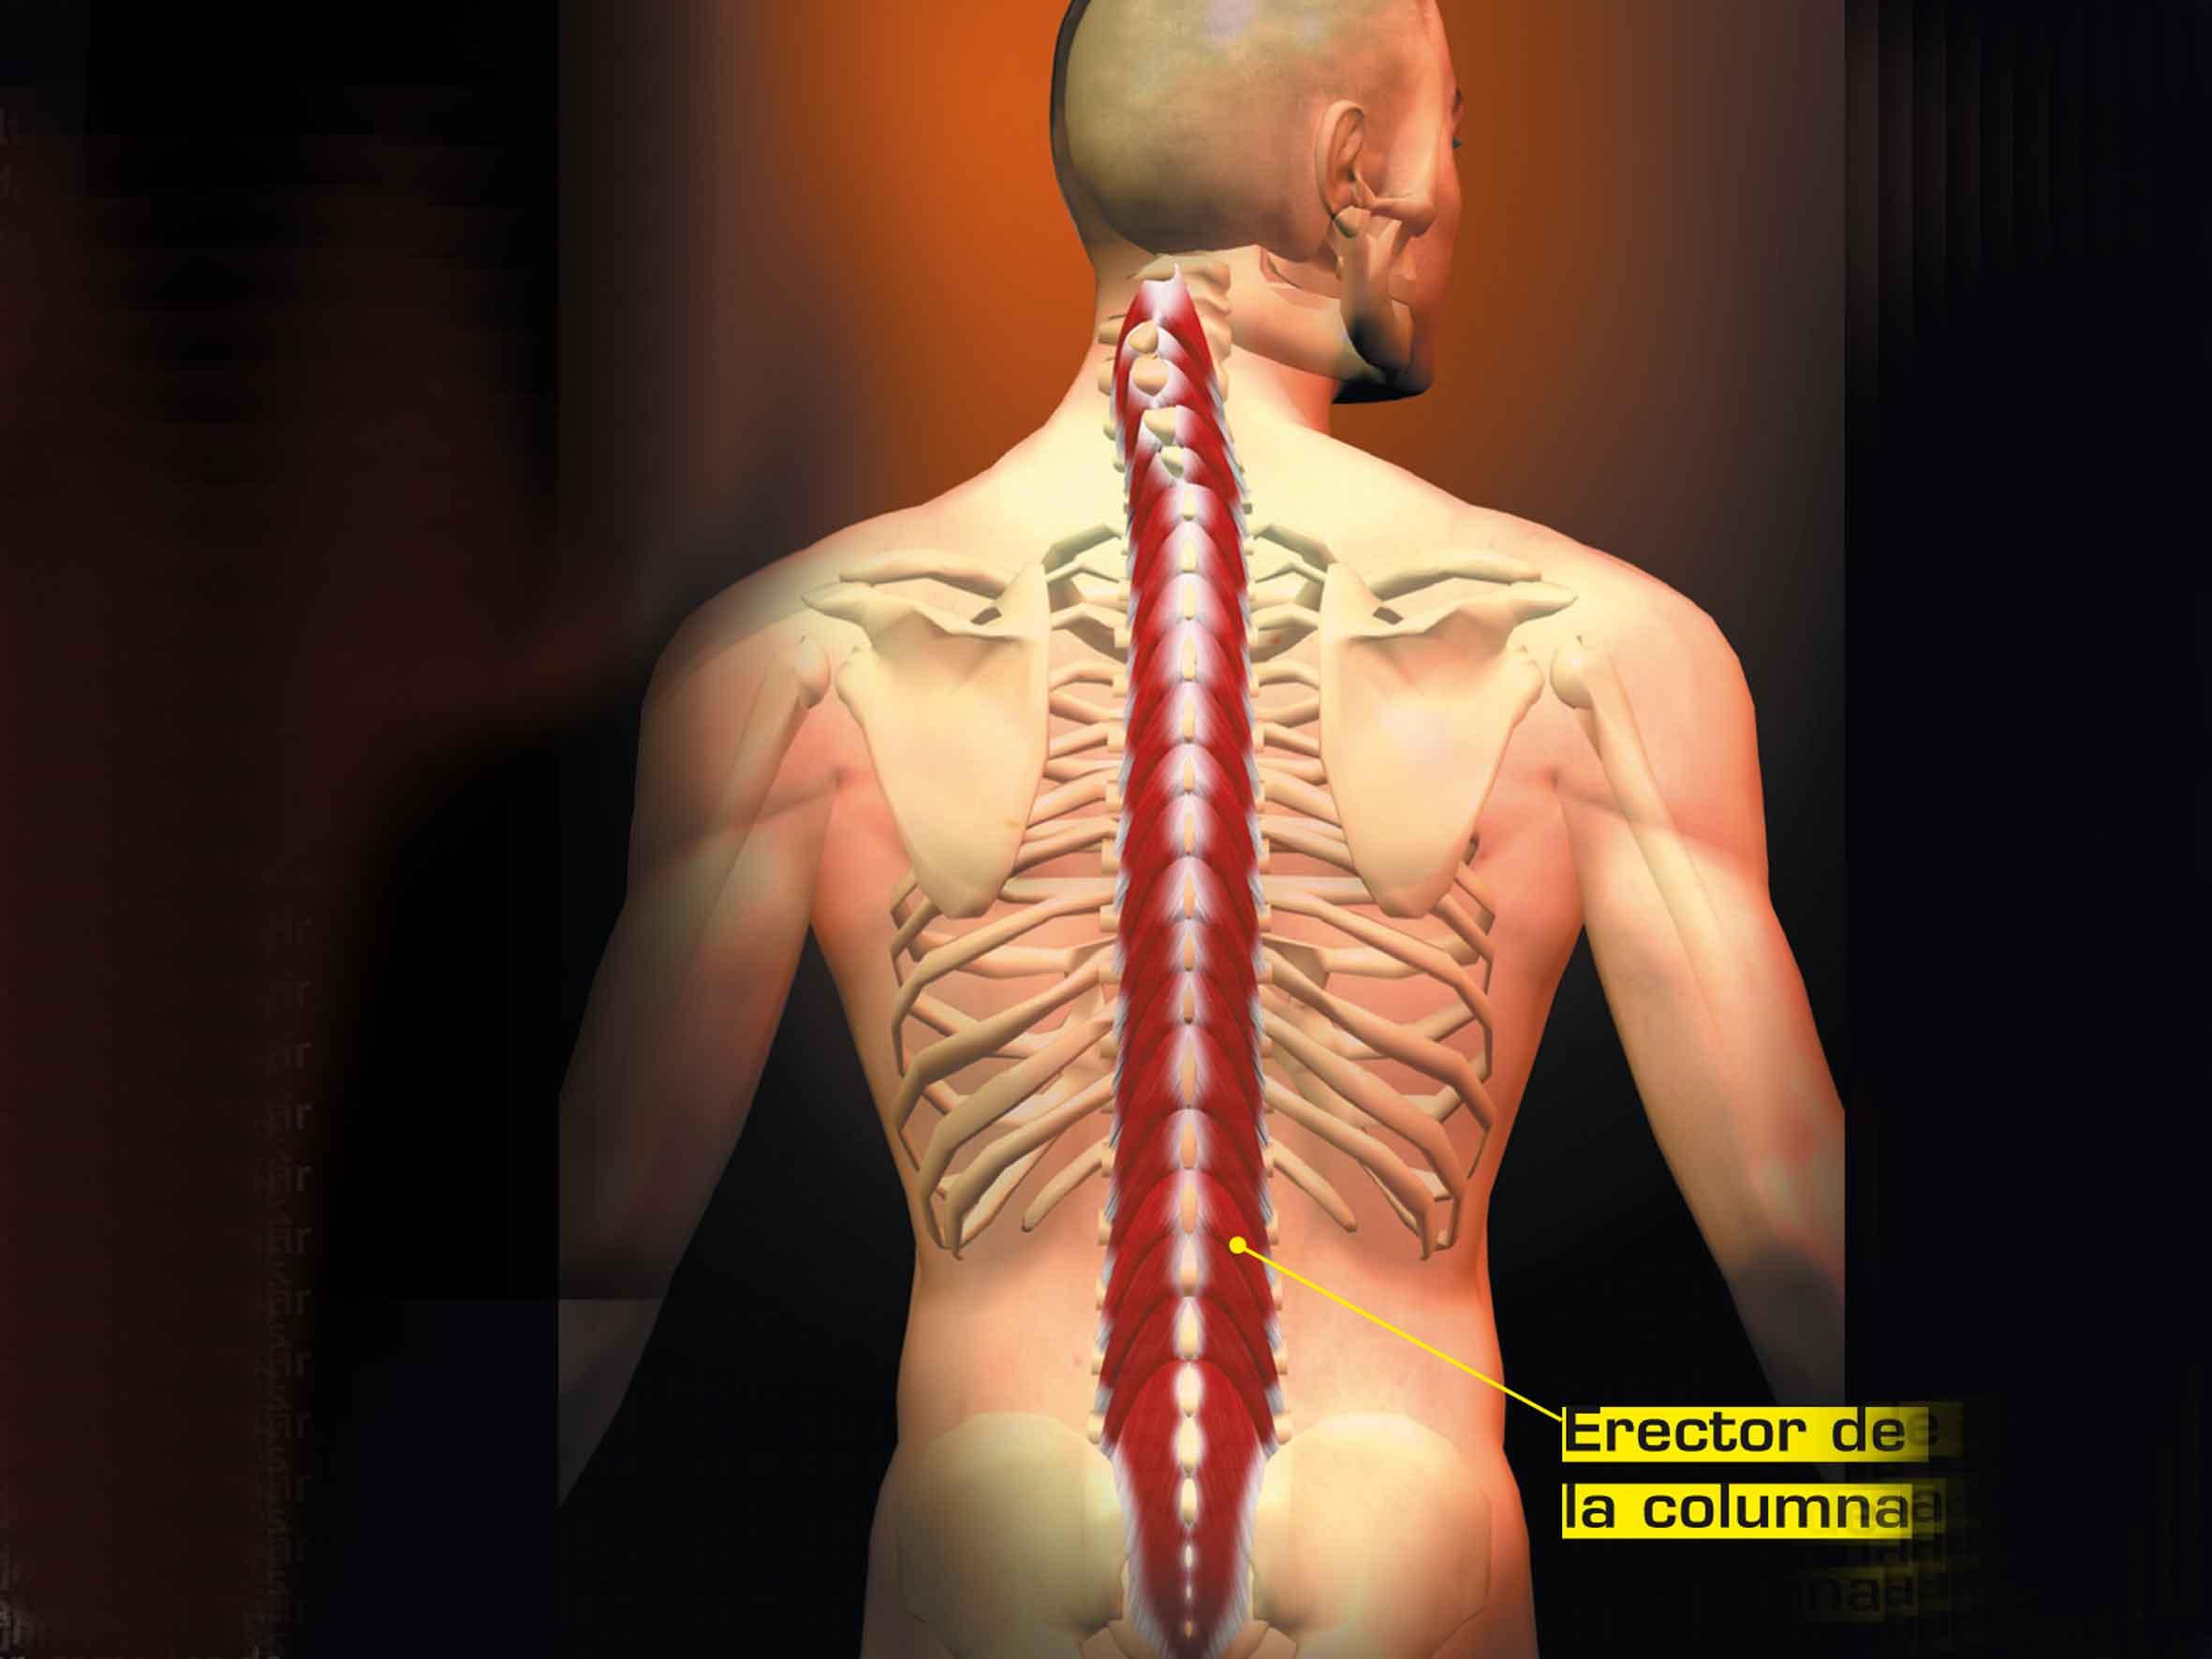 Musculatura erectora de la columna